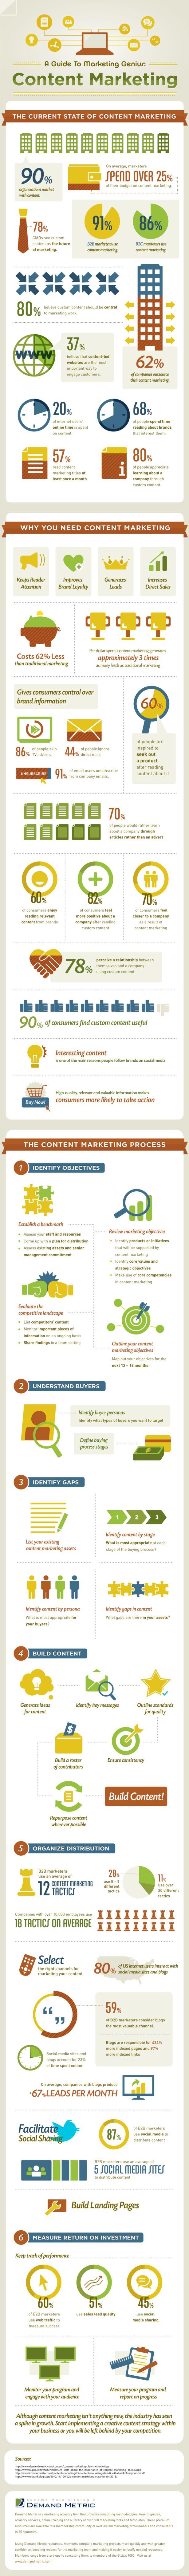 Infographic   Econsultancy